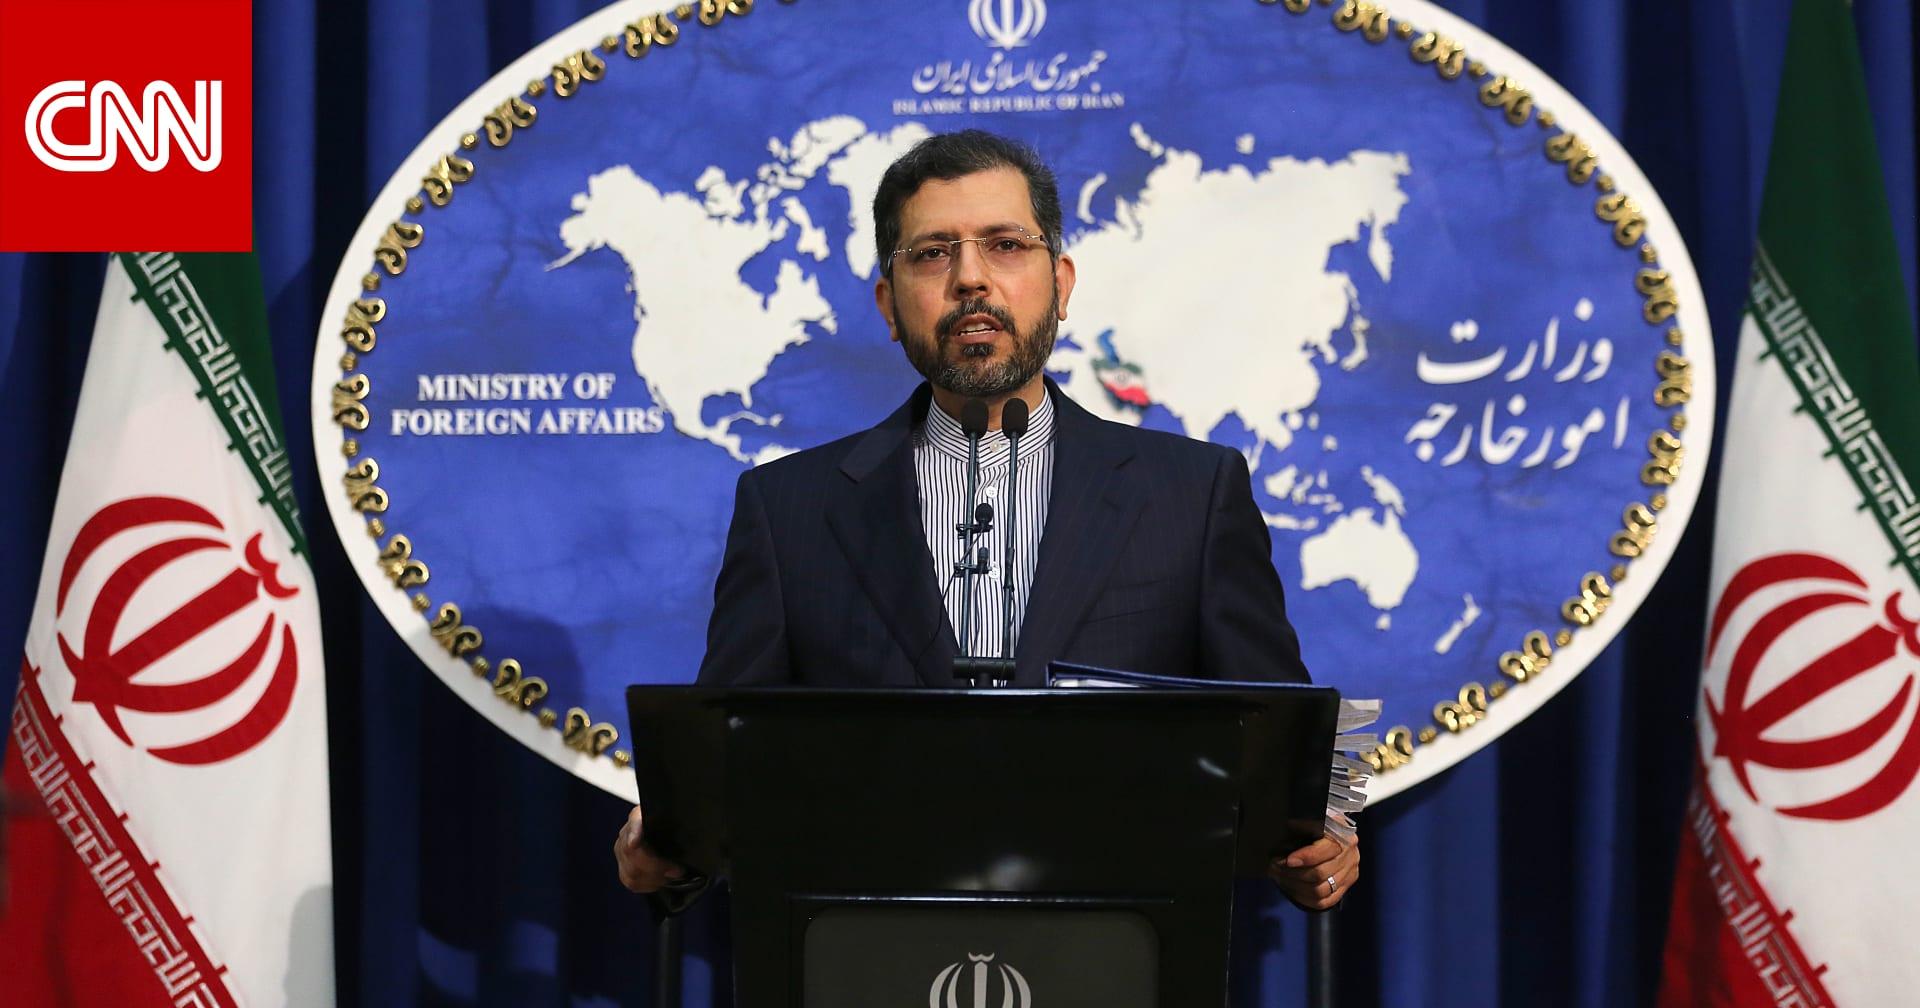 إيران: محادثات جيدة مع السعودية حول قضايا ثنائية